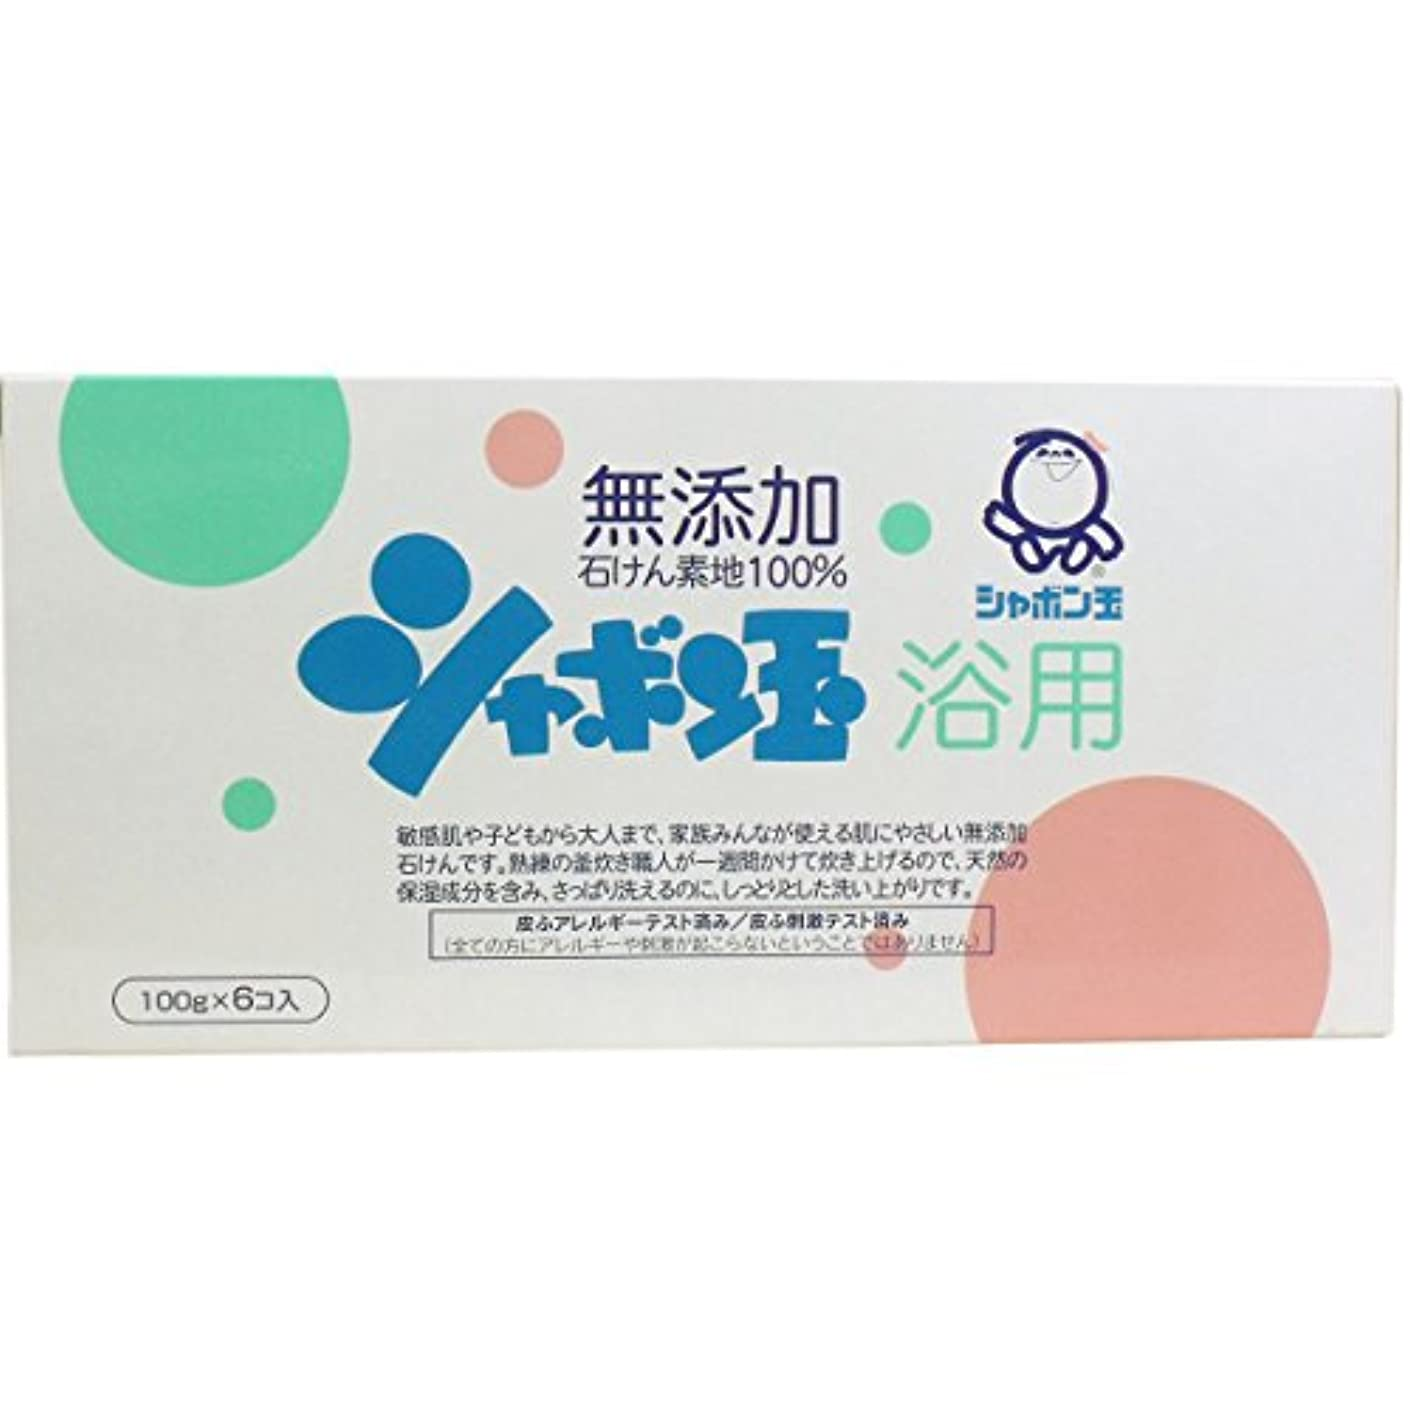 回路アームストロングホステス【セット品】化粧石けんシャボン玉浴用 6P 100G×3セット